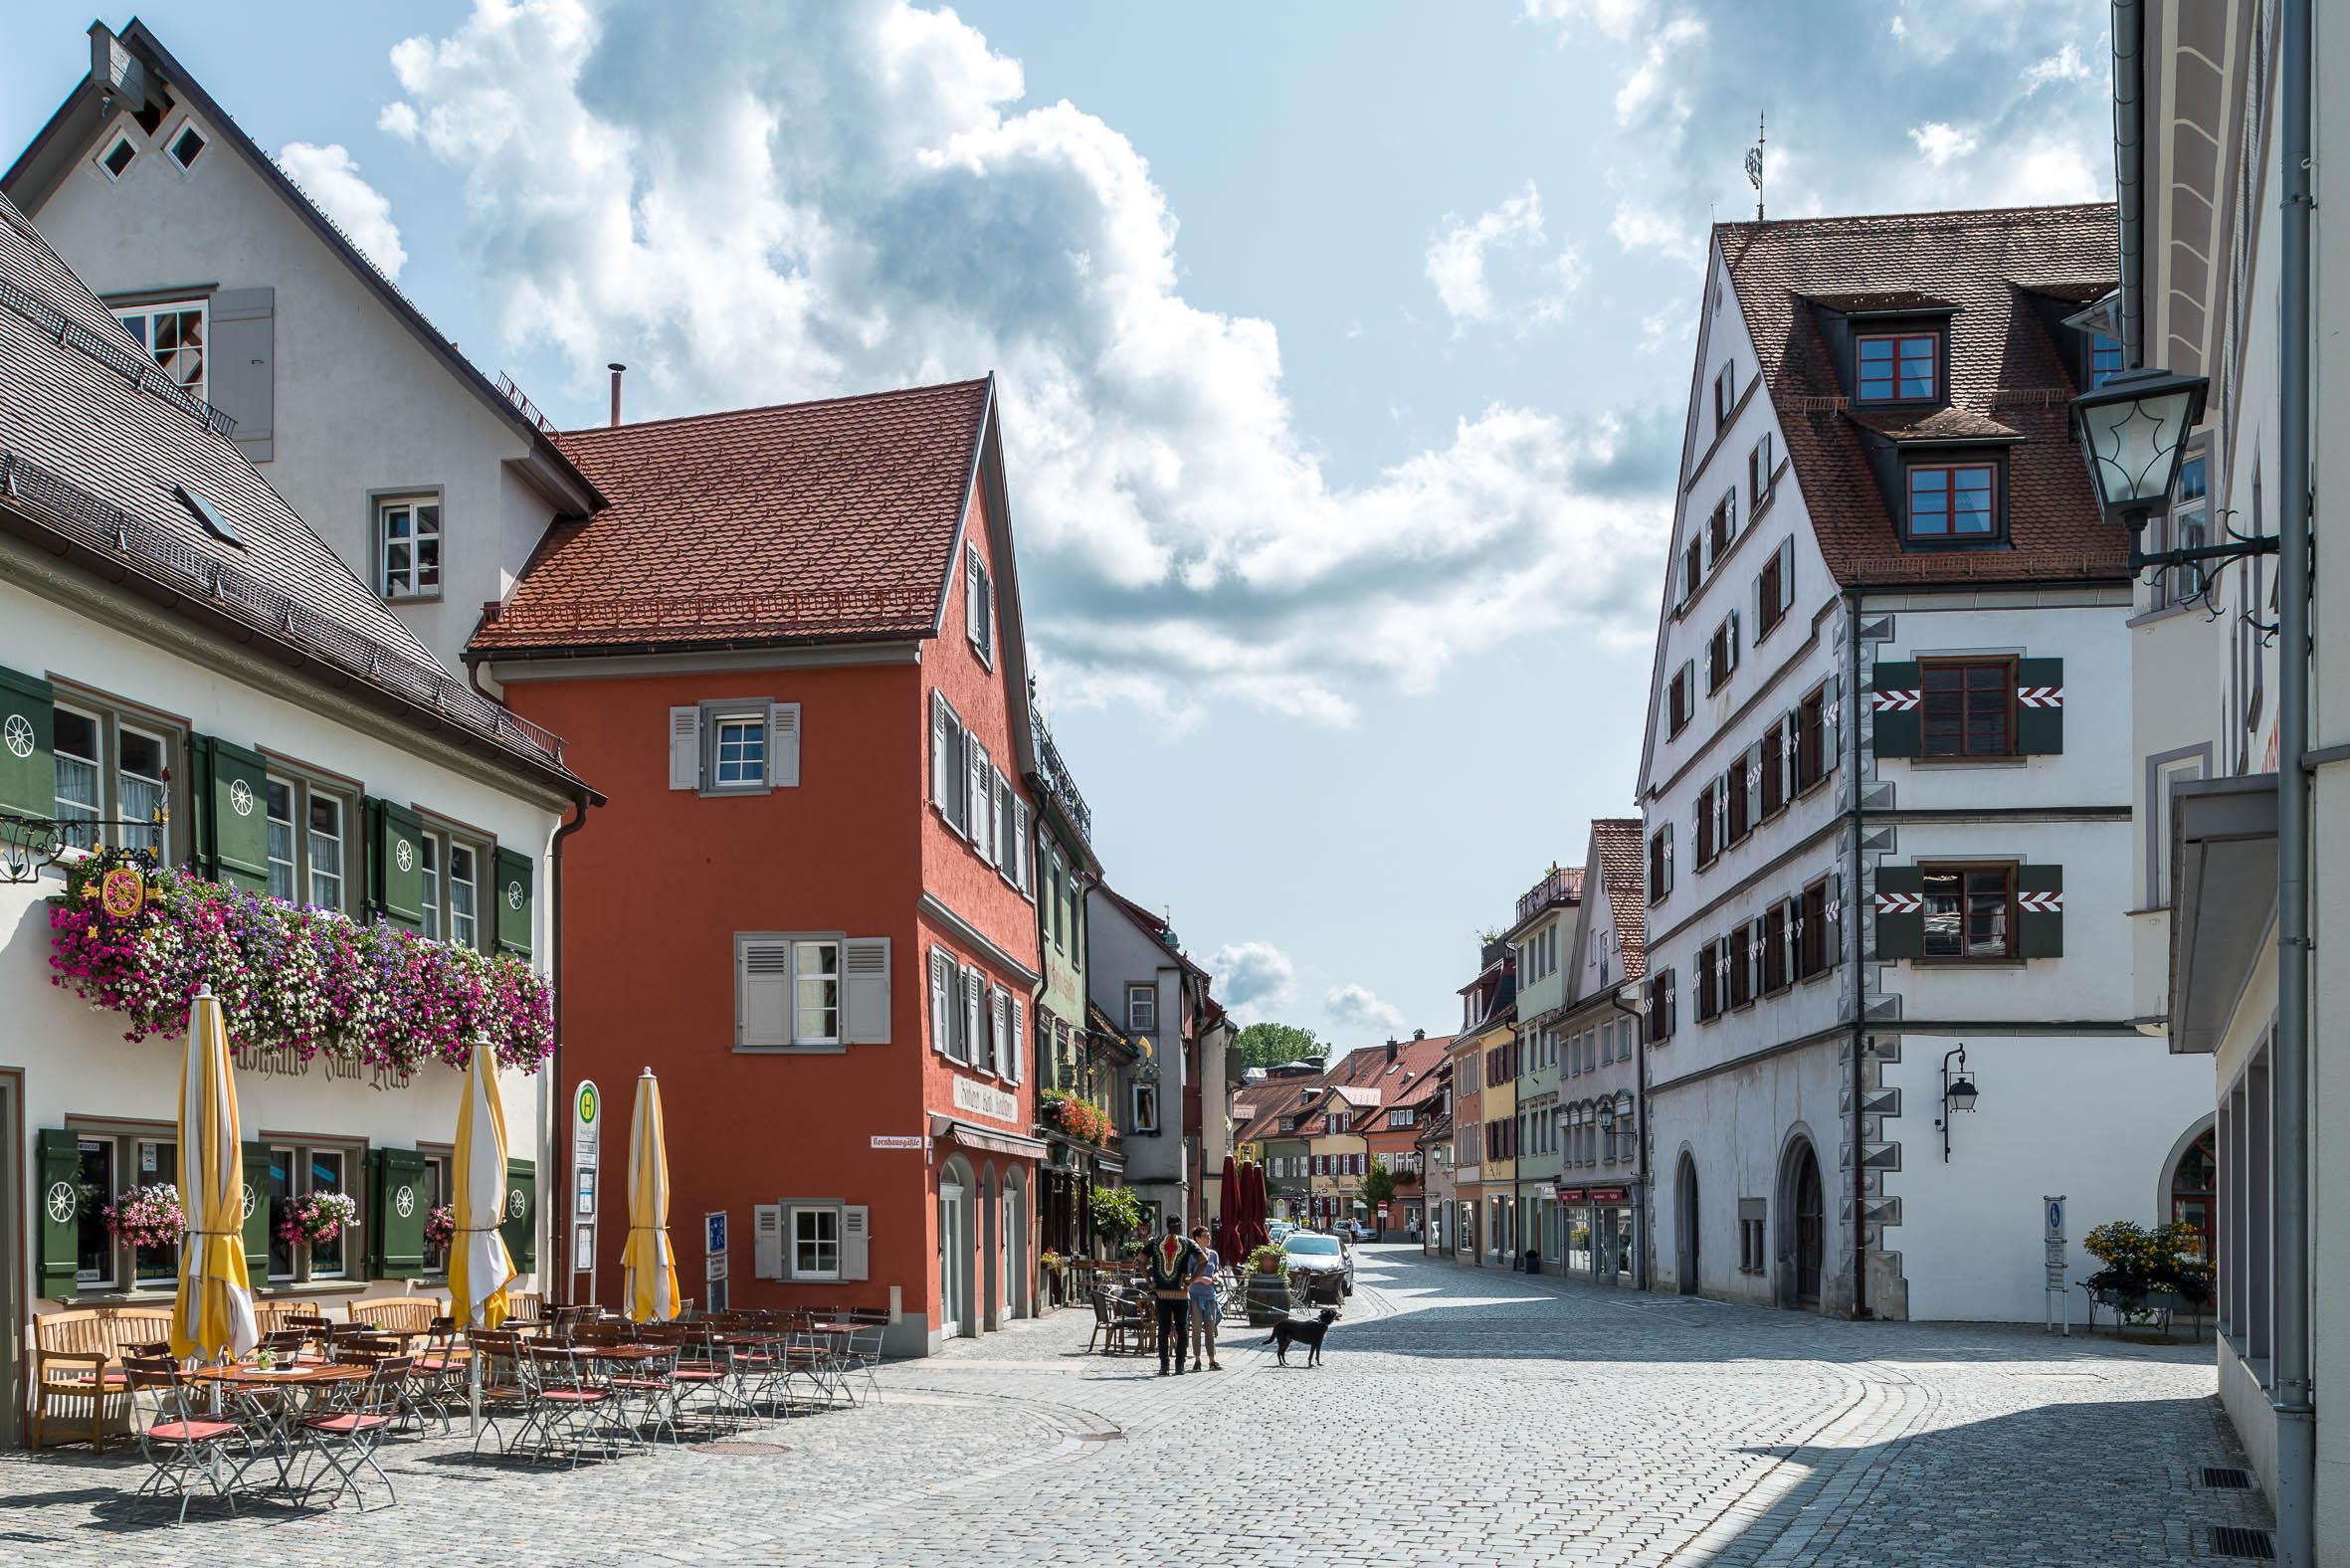 Architekturfotografie Historische Altstadt Wangen im Allgäu